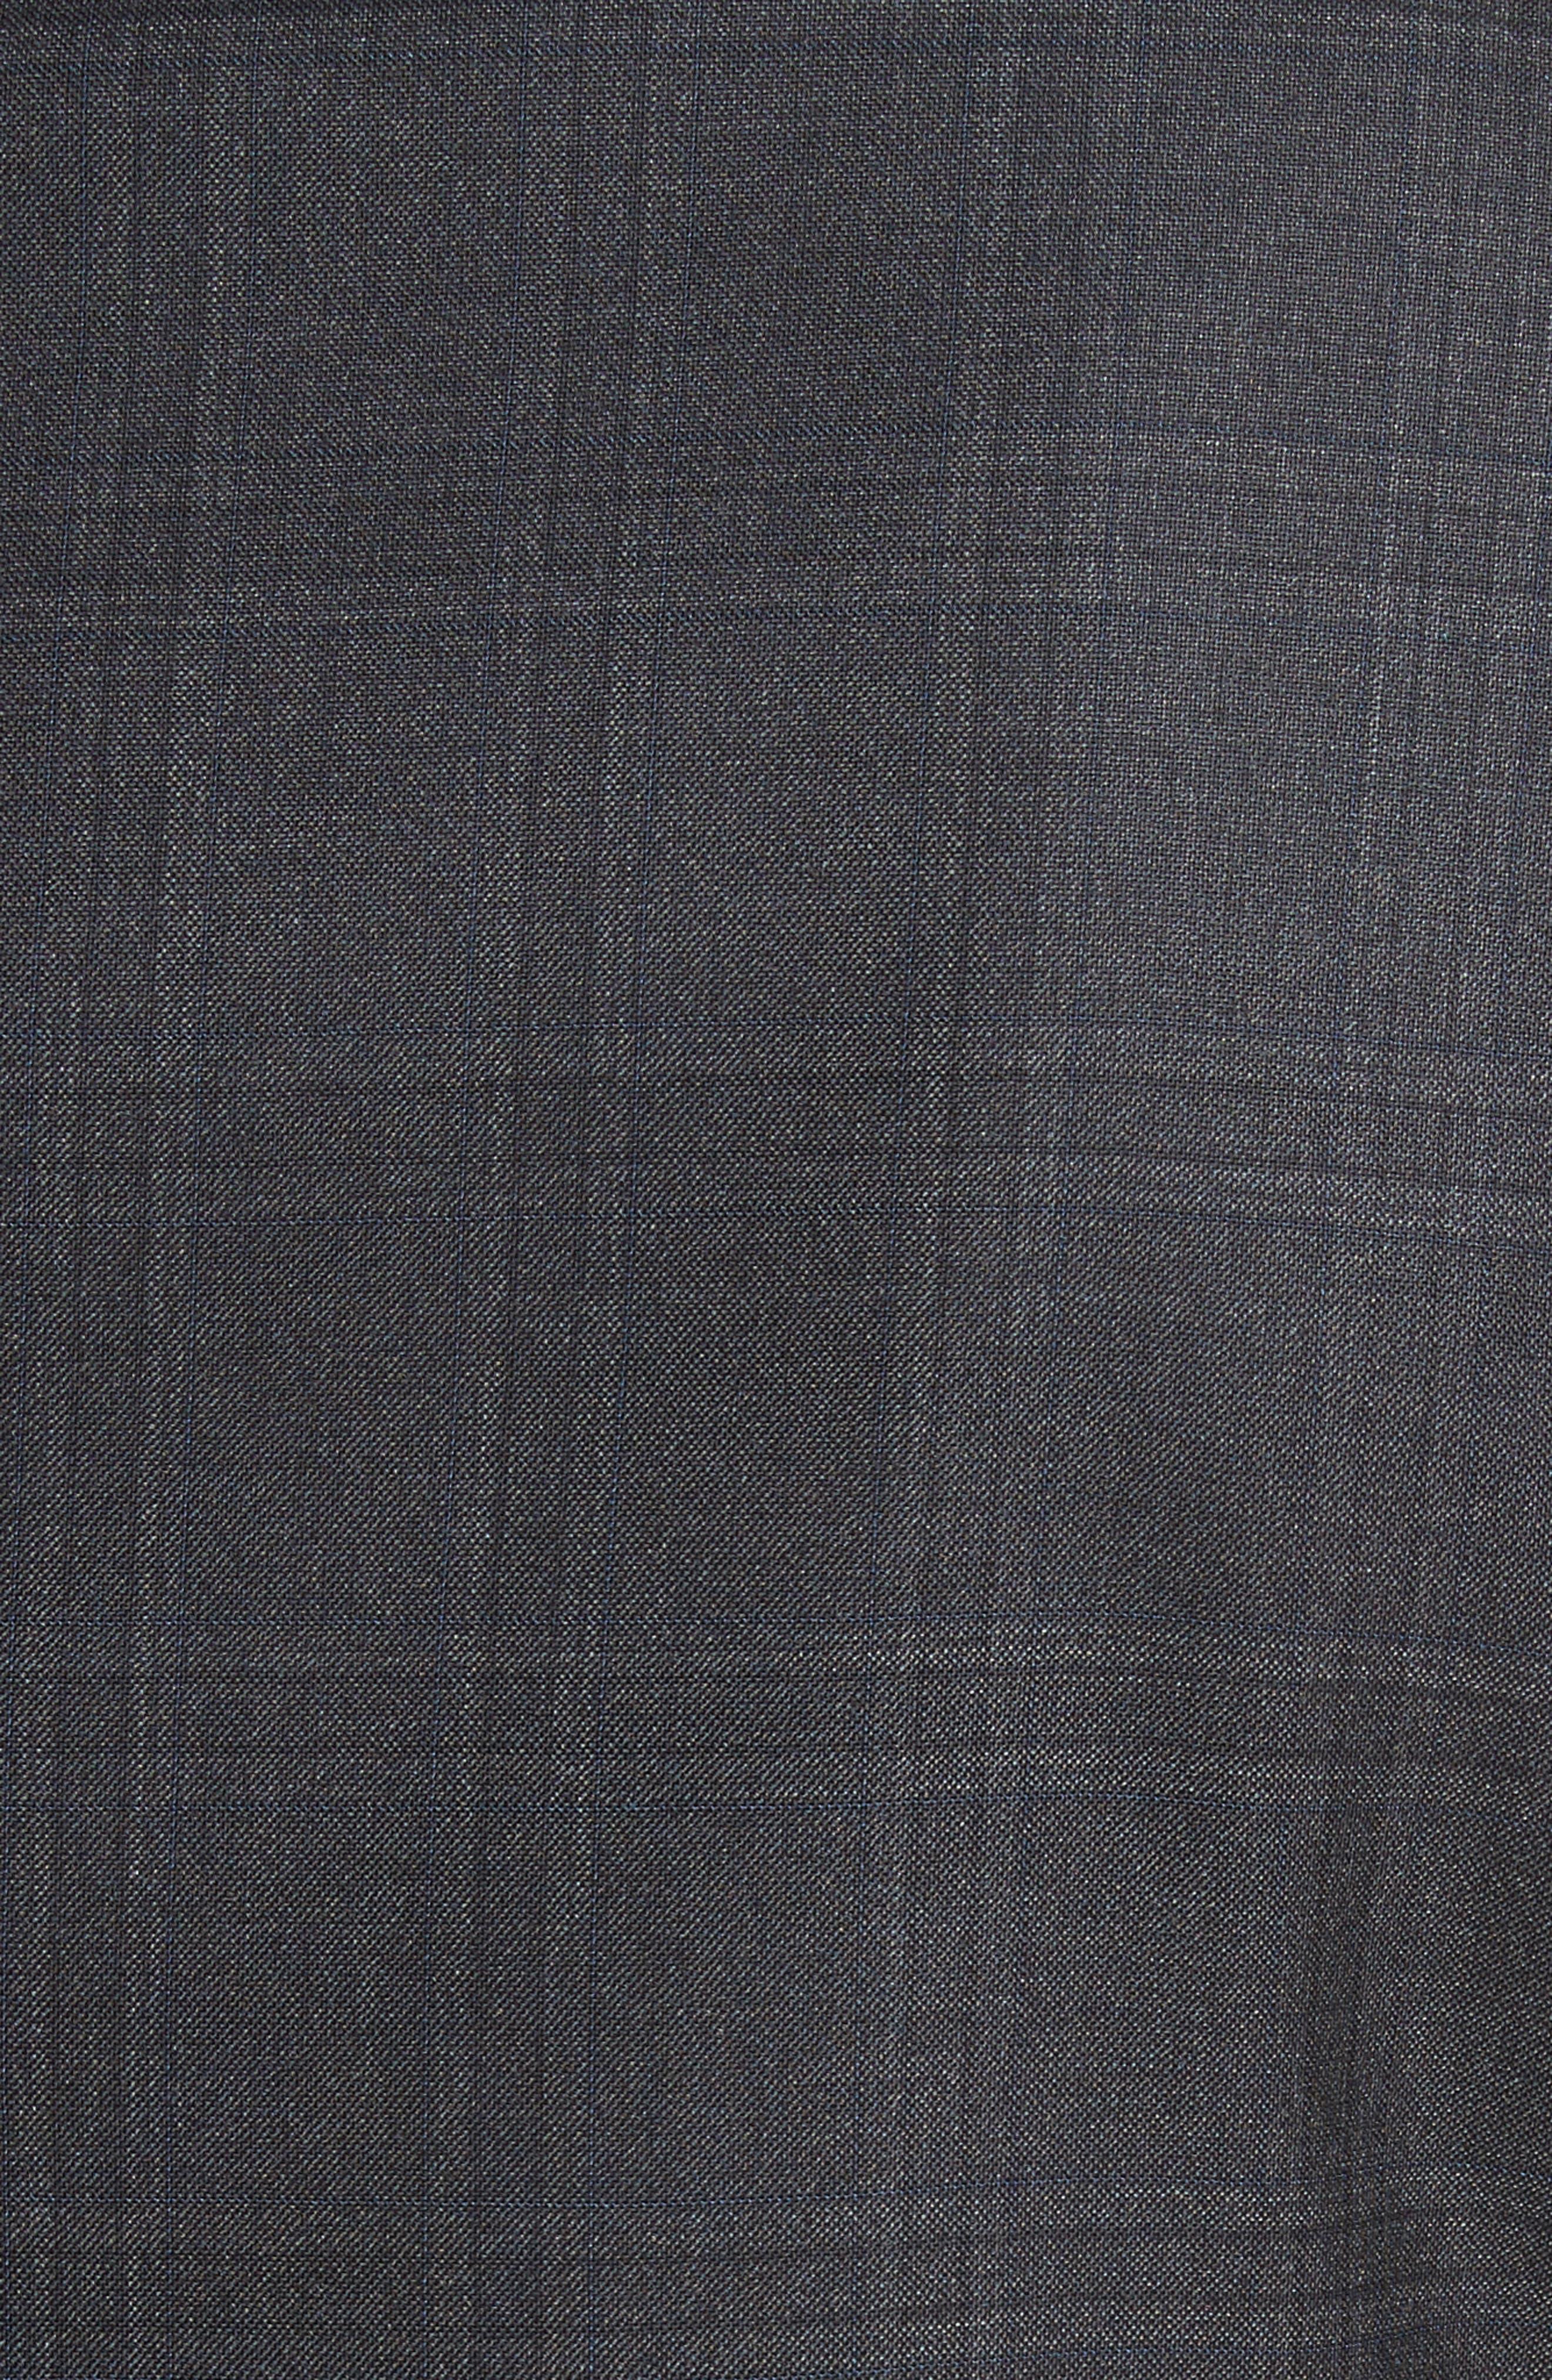 G-Line Trim Fit Plaid Wool Suit,                             Alternate thumbnail 7, color,                             017